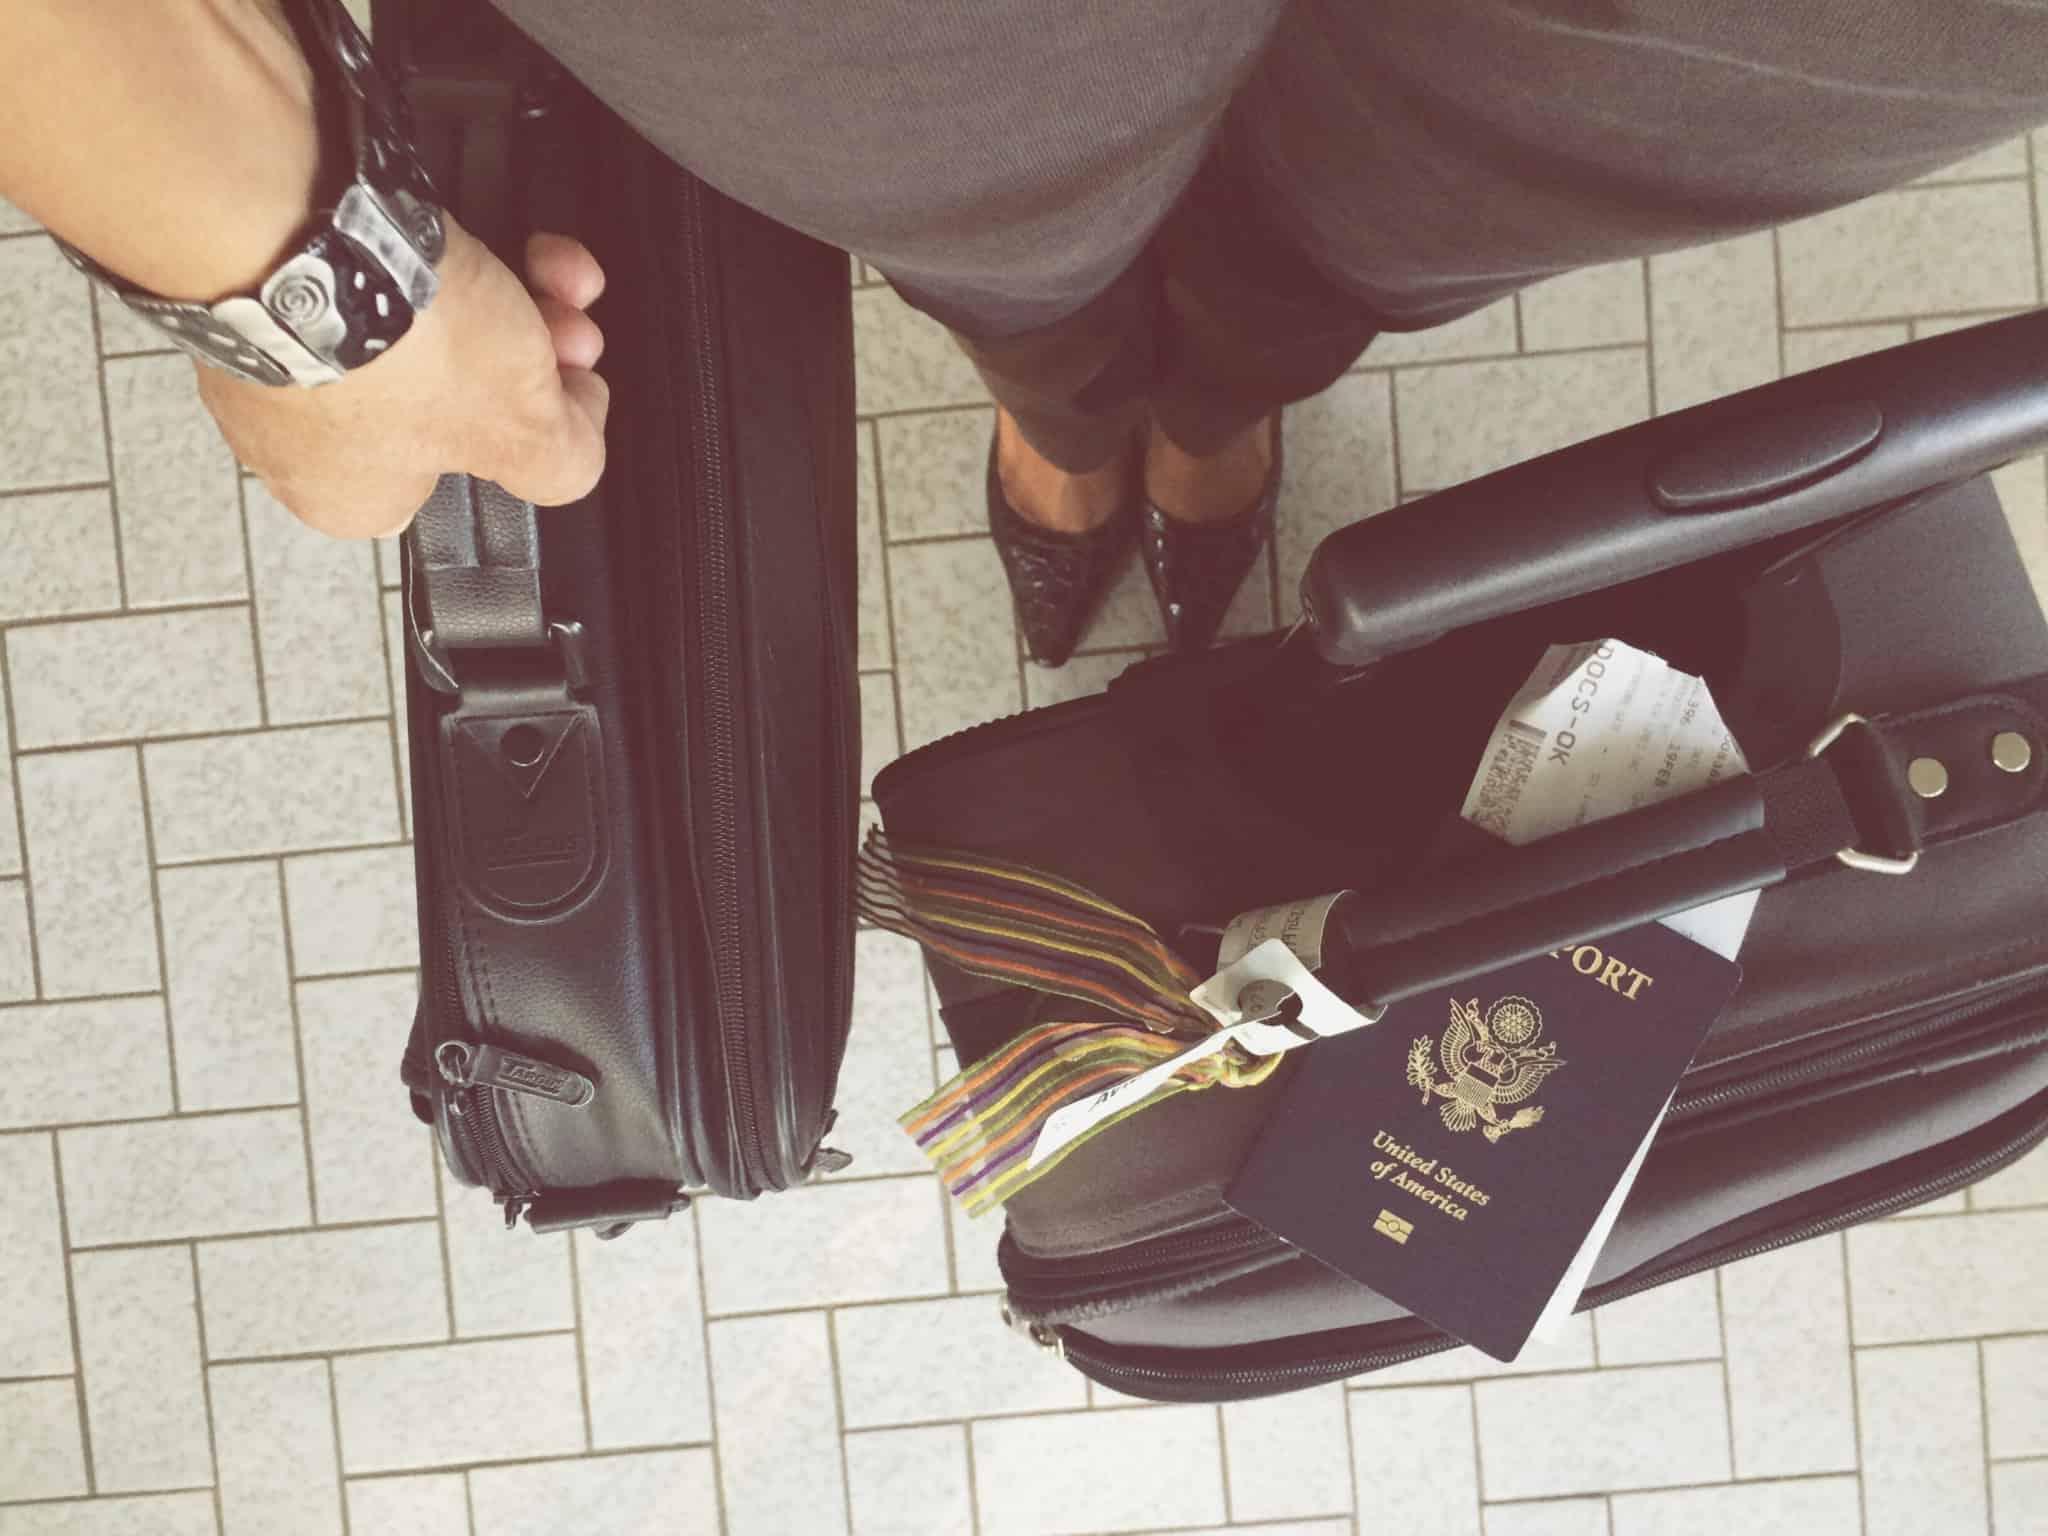 mala de viagem com passaporte em cima